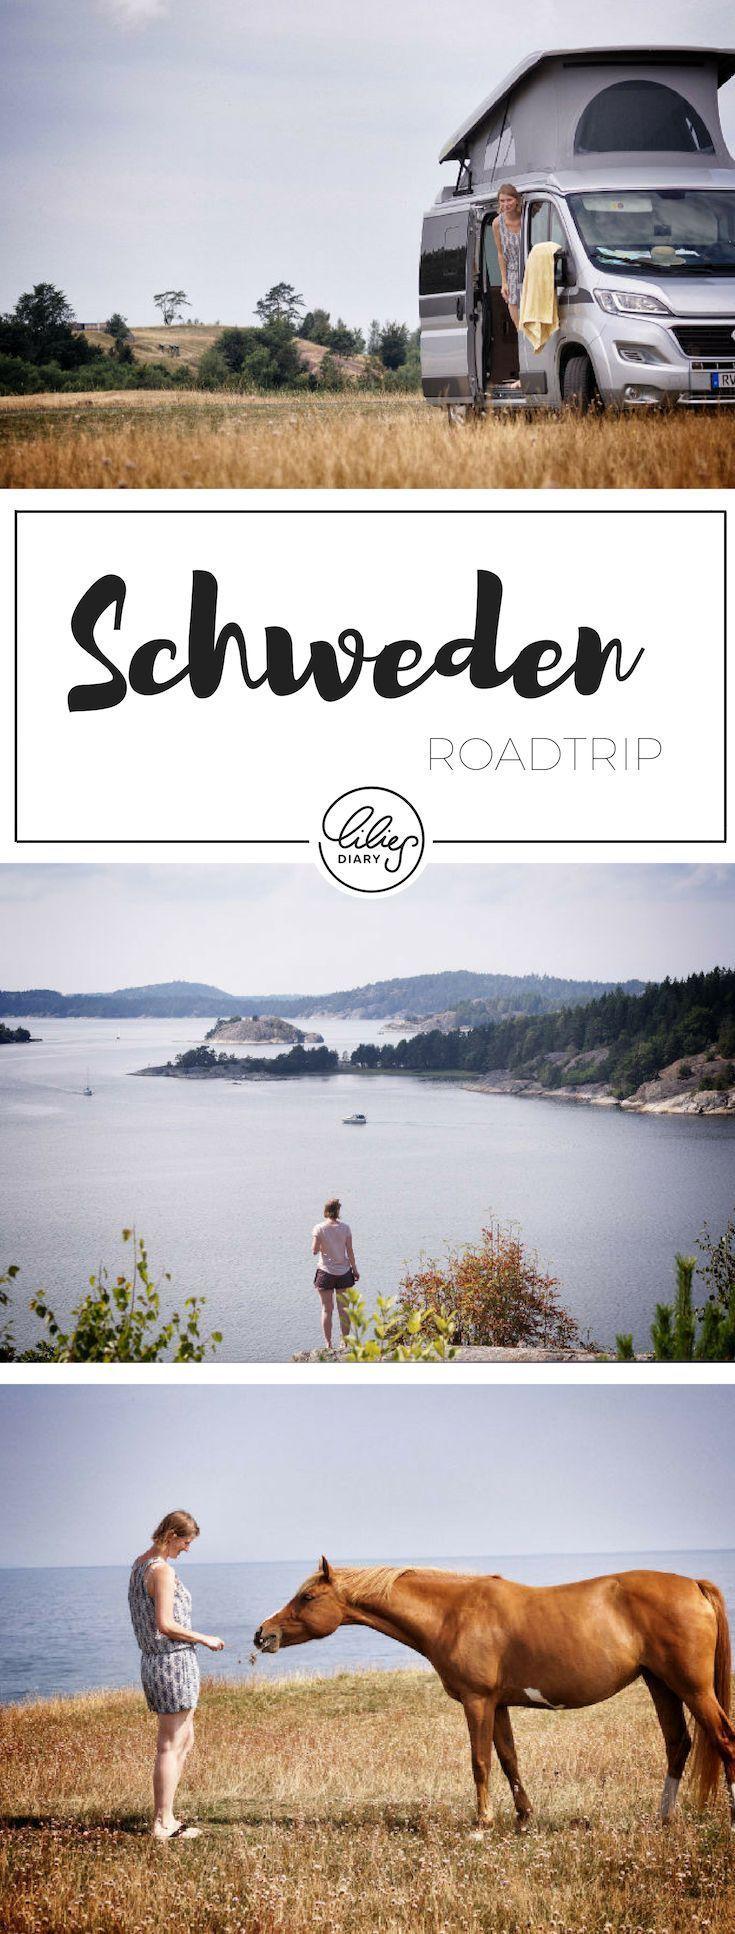 Ein Südschweden Roadtrip – Reisetipps für deinen Schweden Urlaub